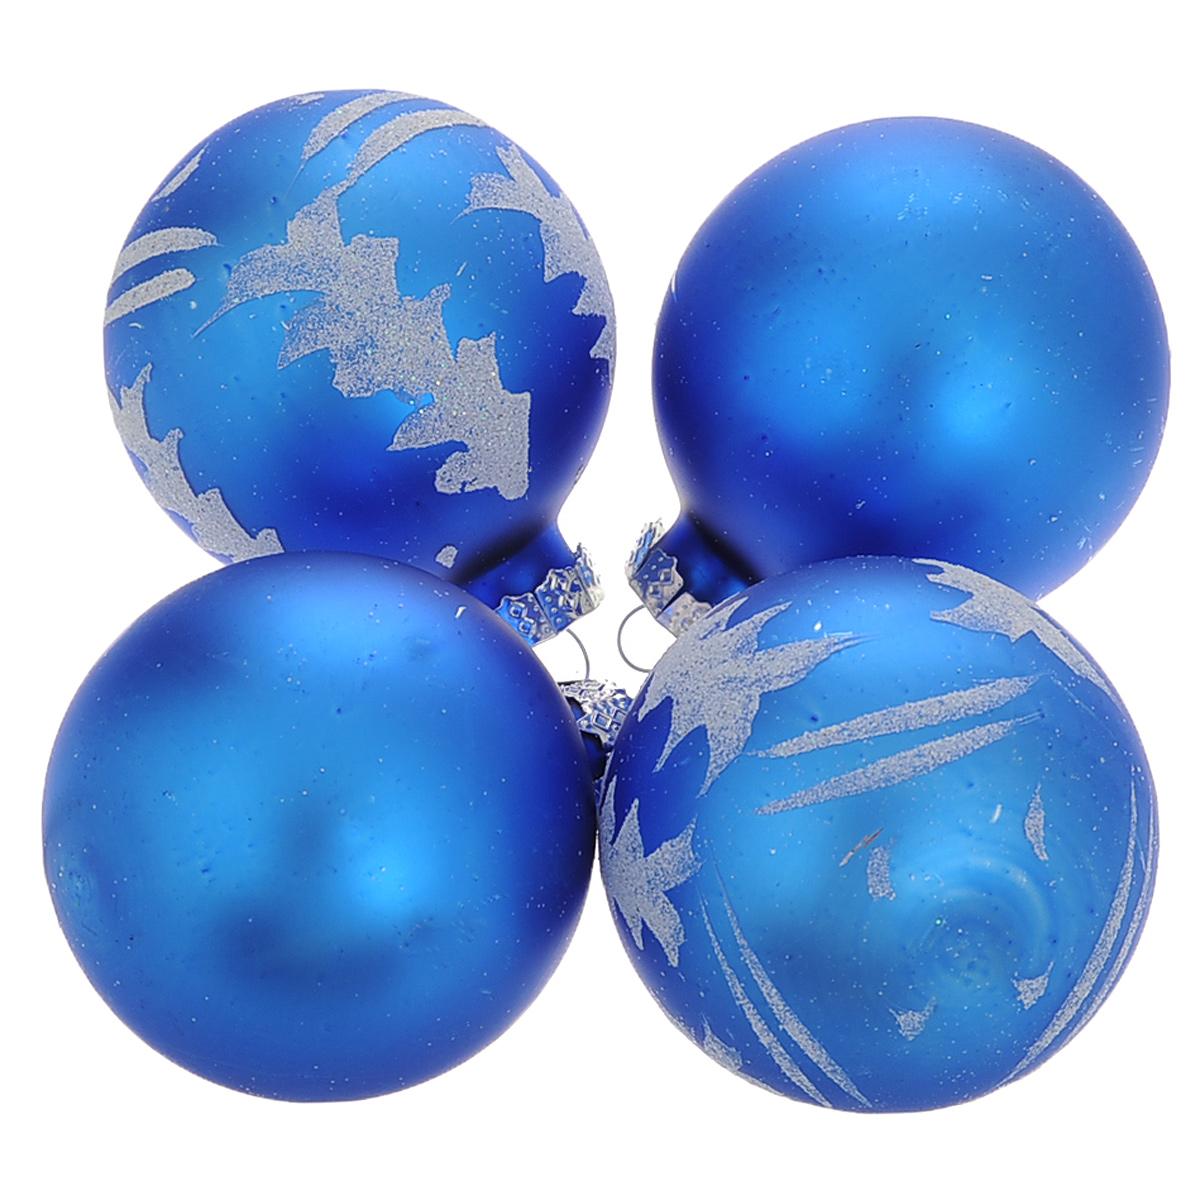 Набор новогодних подвесных украшений Шар, цвет: серебристый, синий, диаметр 6 см, 4 шт. 3448234482Набор новогодних подвесных украшений Шар прекрасно подойдет для праздничного декора новогодней ели. Состоит из четырех шаров. Елочная игрушка - символ Нового года. Она несет в себе волшебство и красоту праздника. Создайте в своем доме атмосферу веселья и радости, украшая новогоднюю елку нарядными игрушками, которые будут из года в год накапливать теплоту воспоминаний. Коллекция декоративных украшений принесет в ваш дом ни с чем несравнимое ощущение волшебства! Откройте для себя удивительный мир сказок и грез. Почувствуйте волшебные минуты ожидания праздника, создайте новогоднее настроение вашим дорогим и близким.